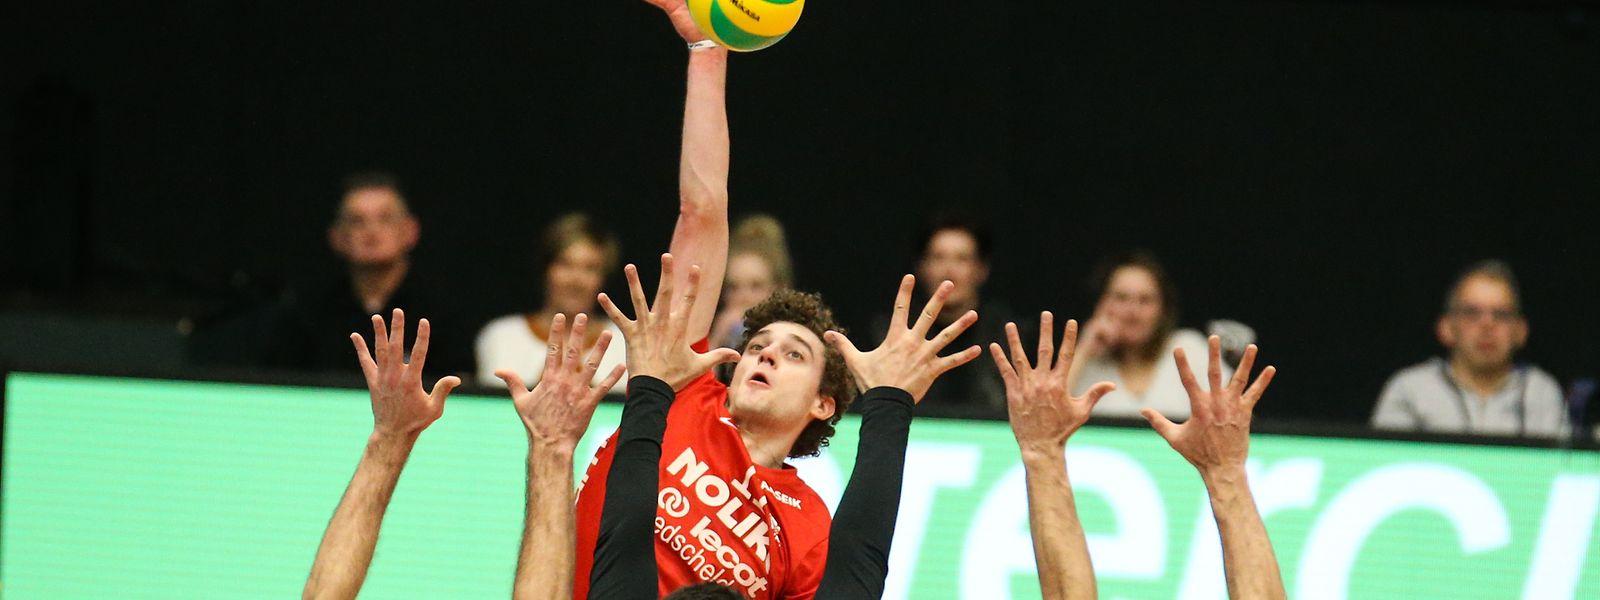 Kamil Rychlicki konnte seinem Team nicht zum Finalsieg verhelfen.